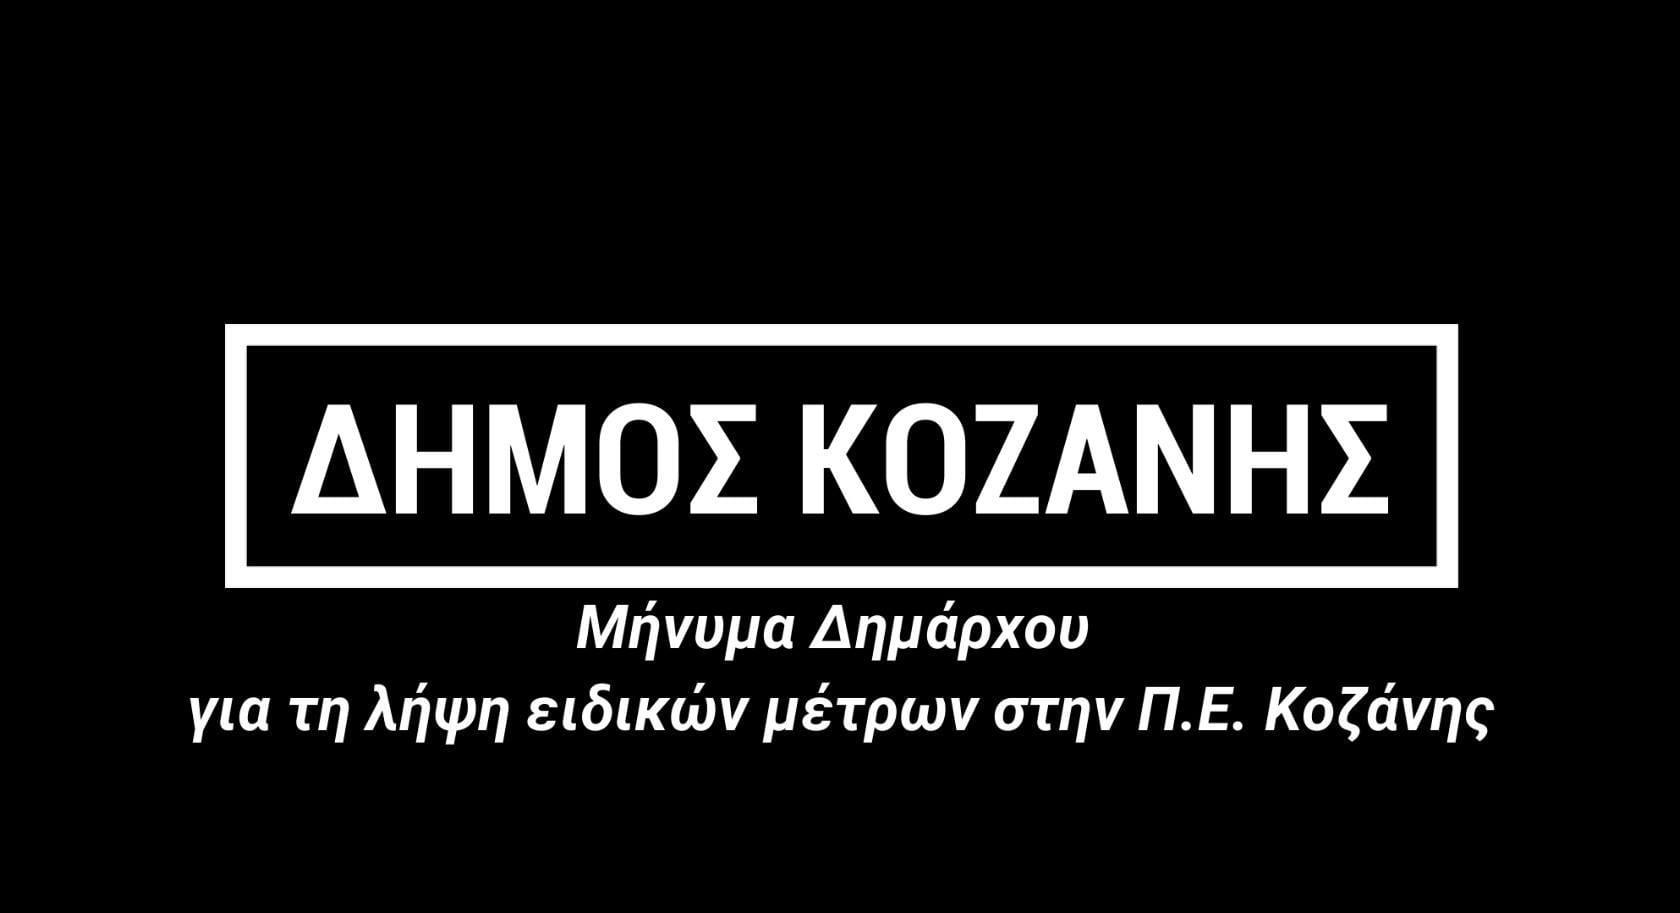 Λάζαρος Μαλούτας: «Με ψυχραιμία και υπευθυνότητα θα τα καταφέρουμε» - Ο δήμαρχος Κοζάνης απευθύνεται με μήνυμά του στους πολίτες